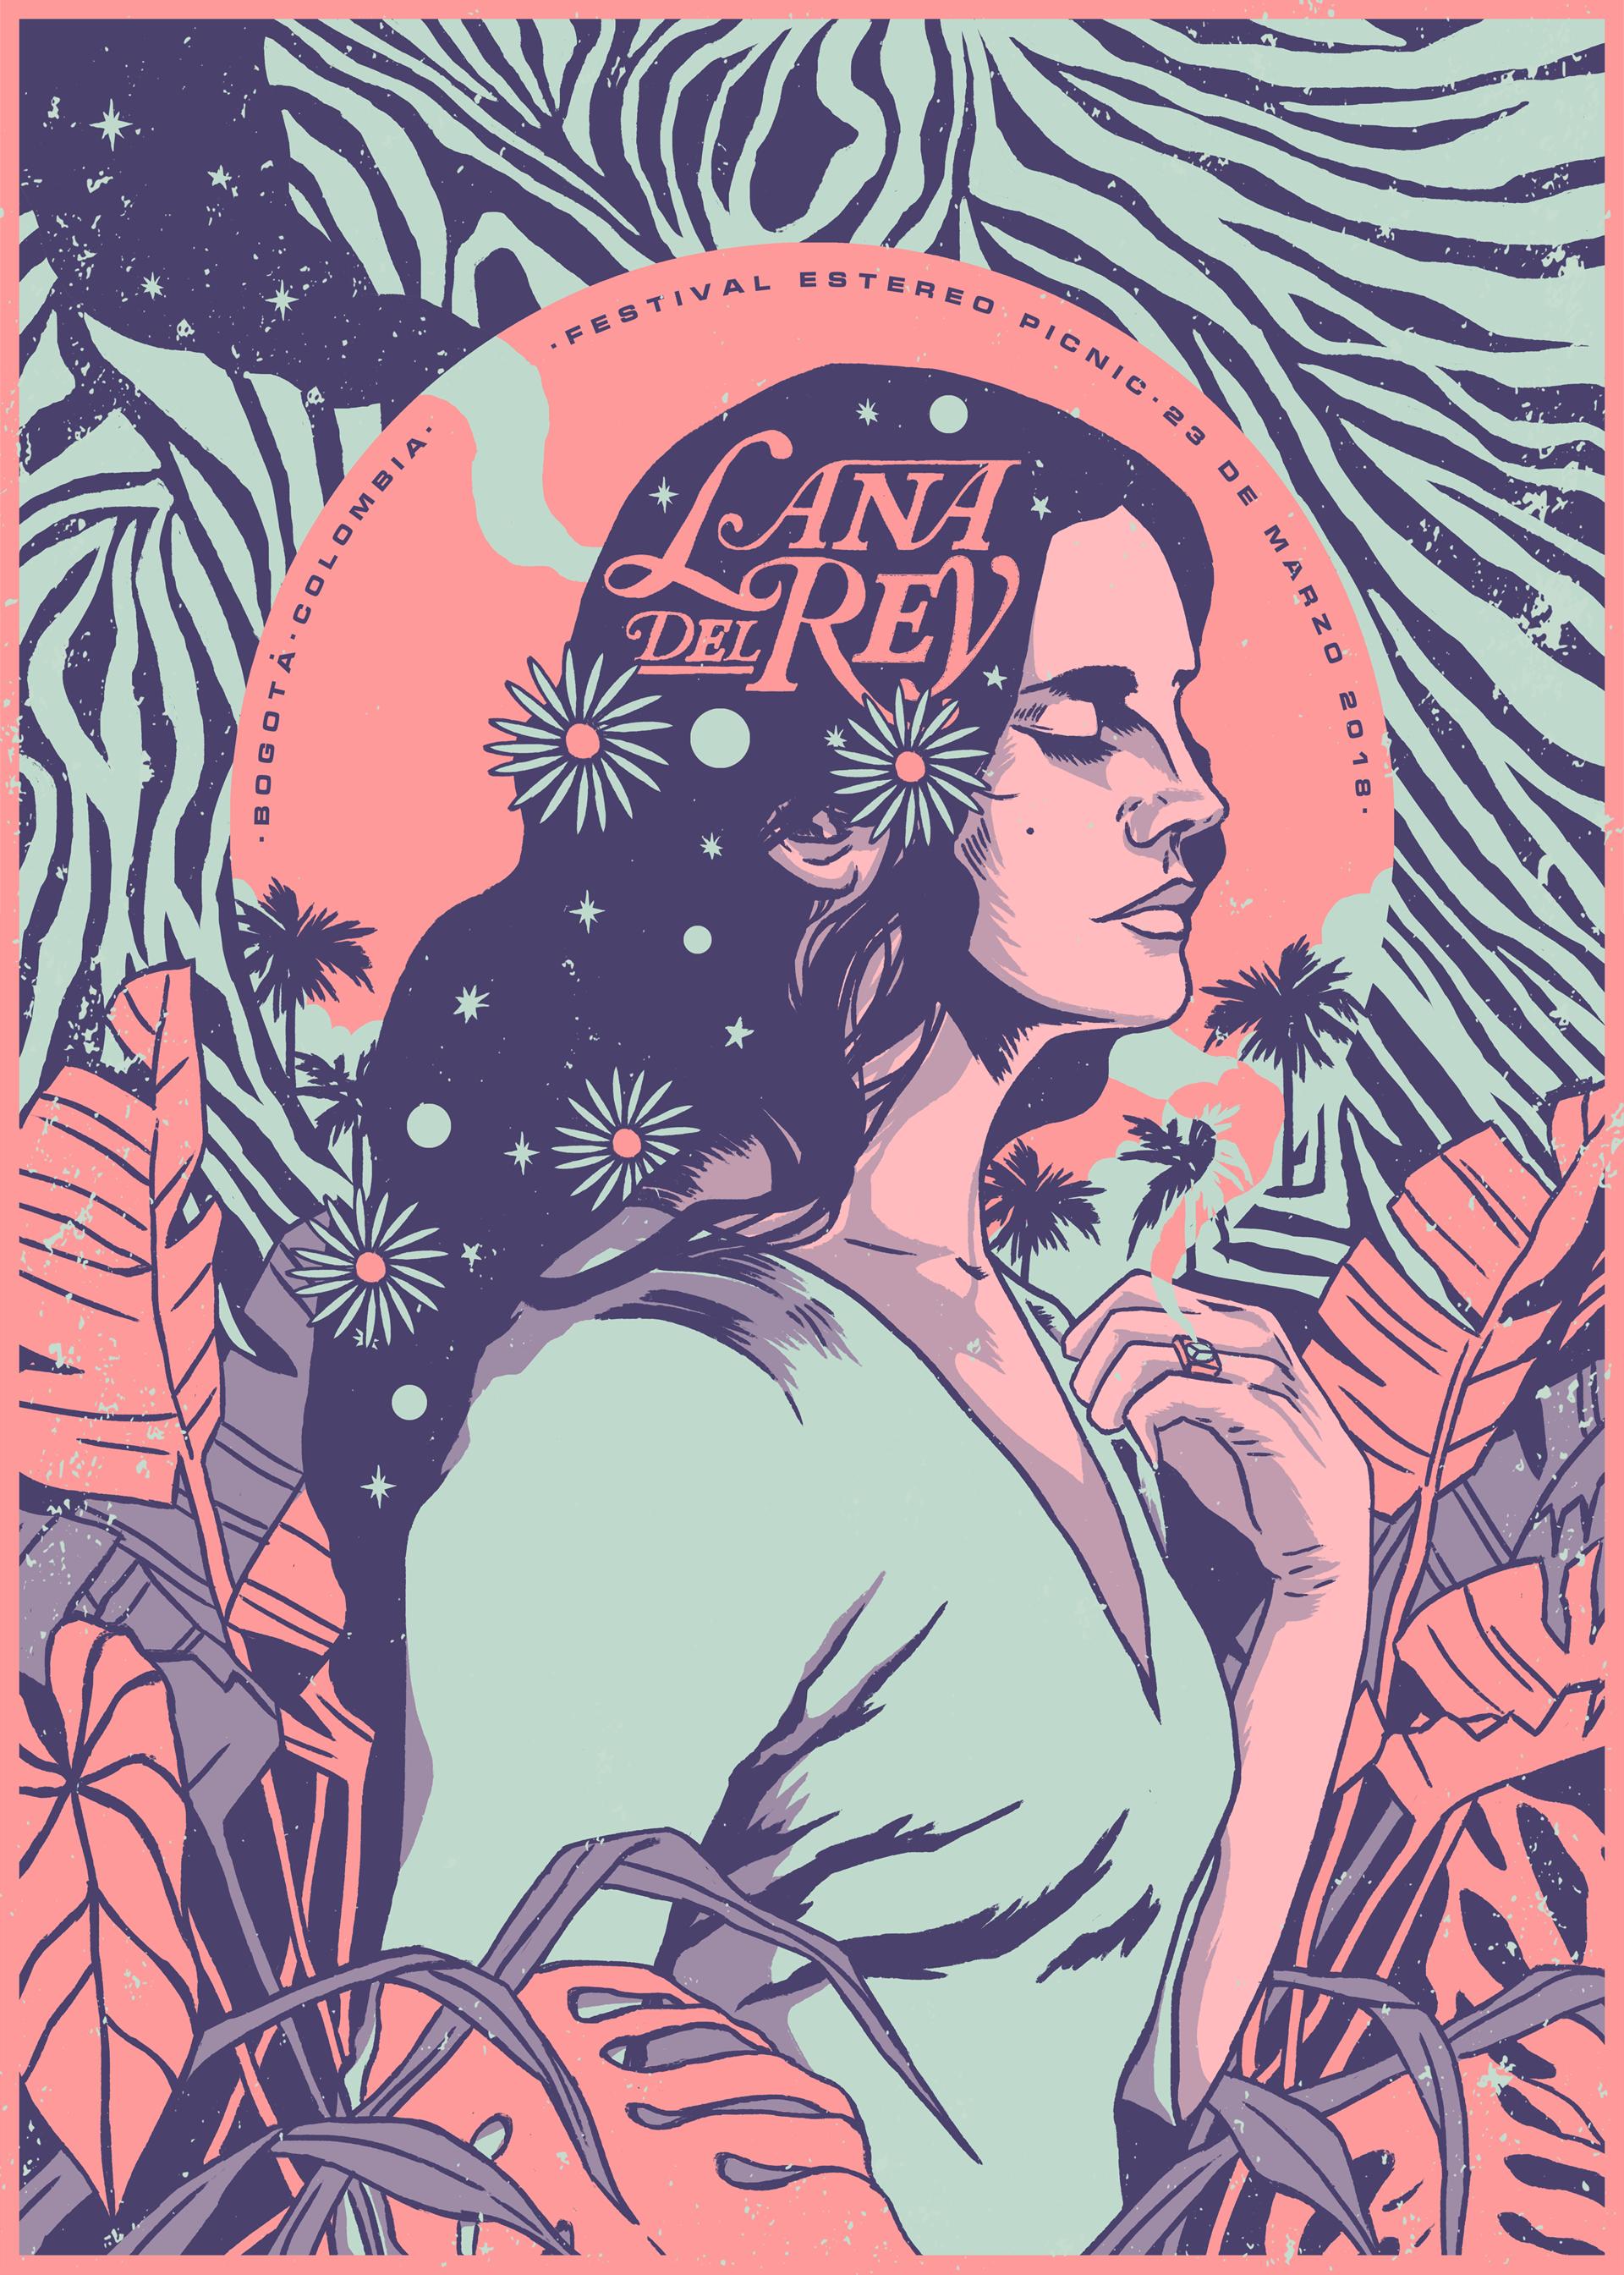 Lana Del Rey Gig Poster On Behance Illustration Art Poster Art Art